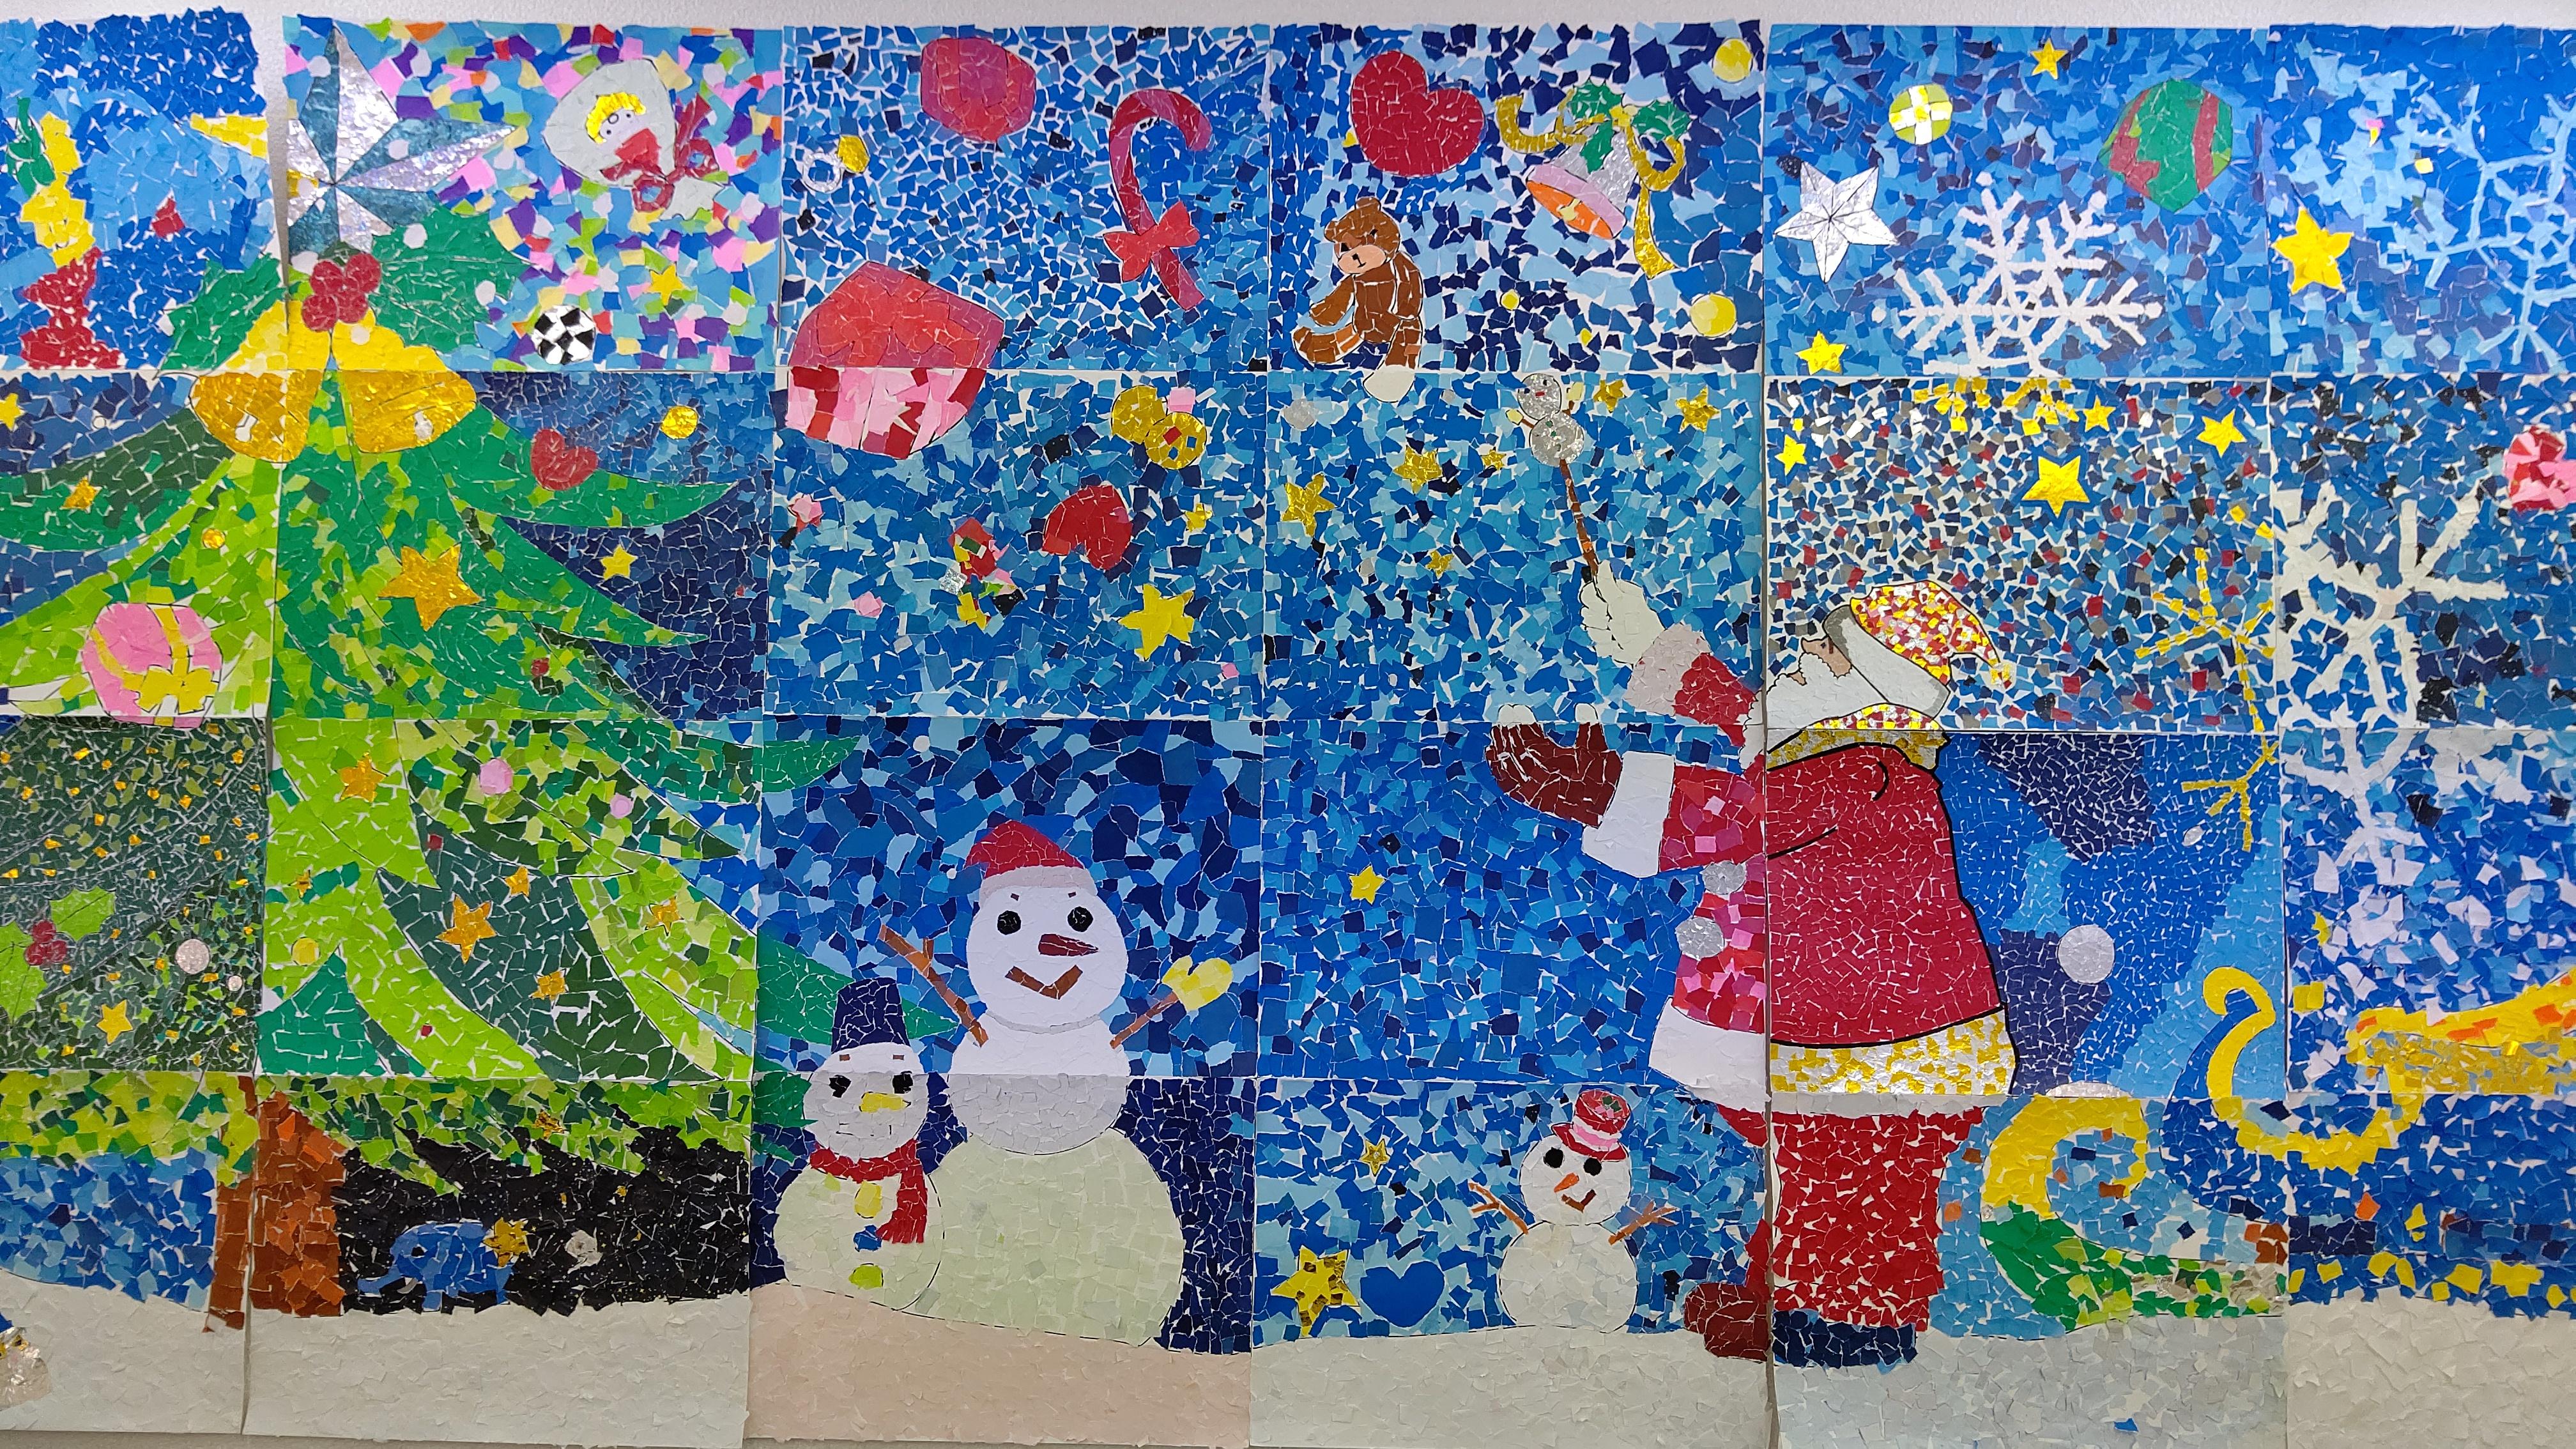 みんなに届け、ハッピークリスマス!